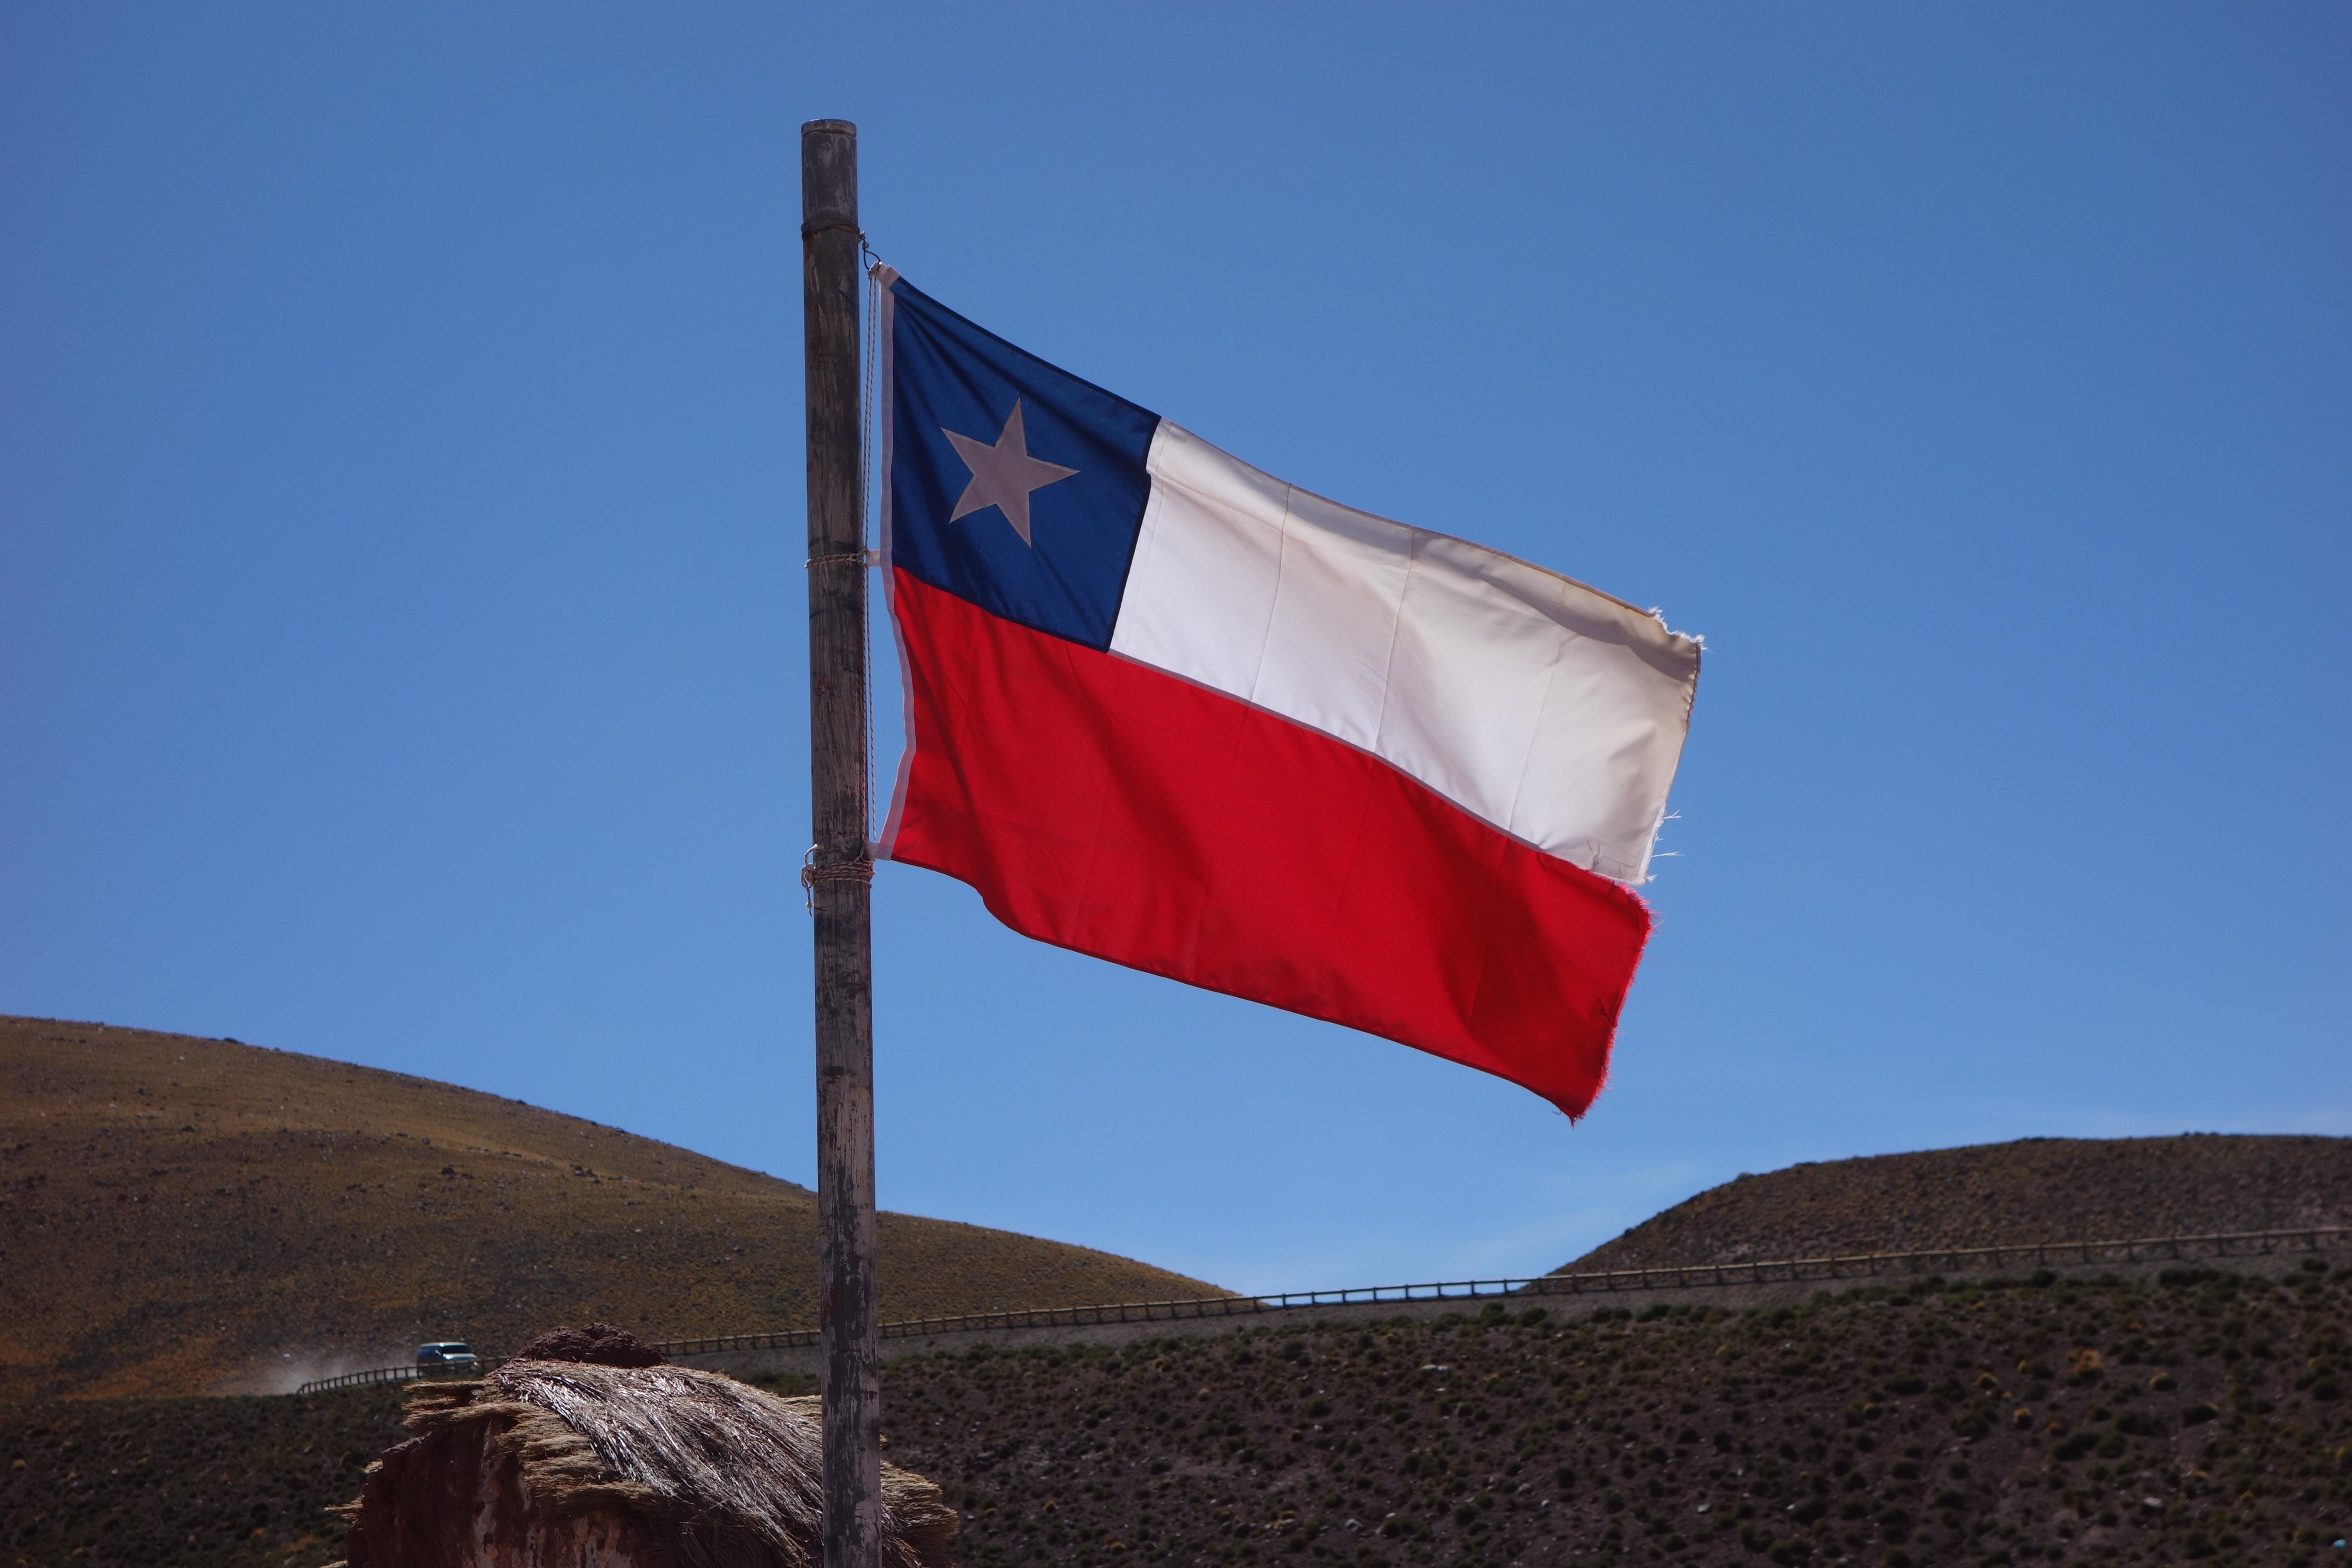 Chile 🇨🇱